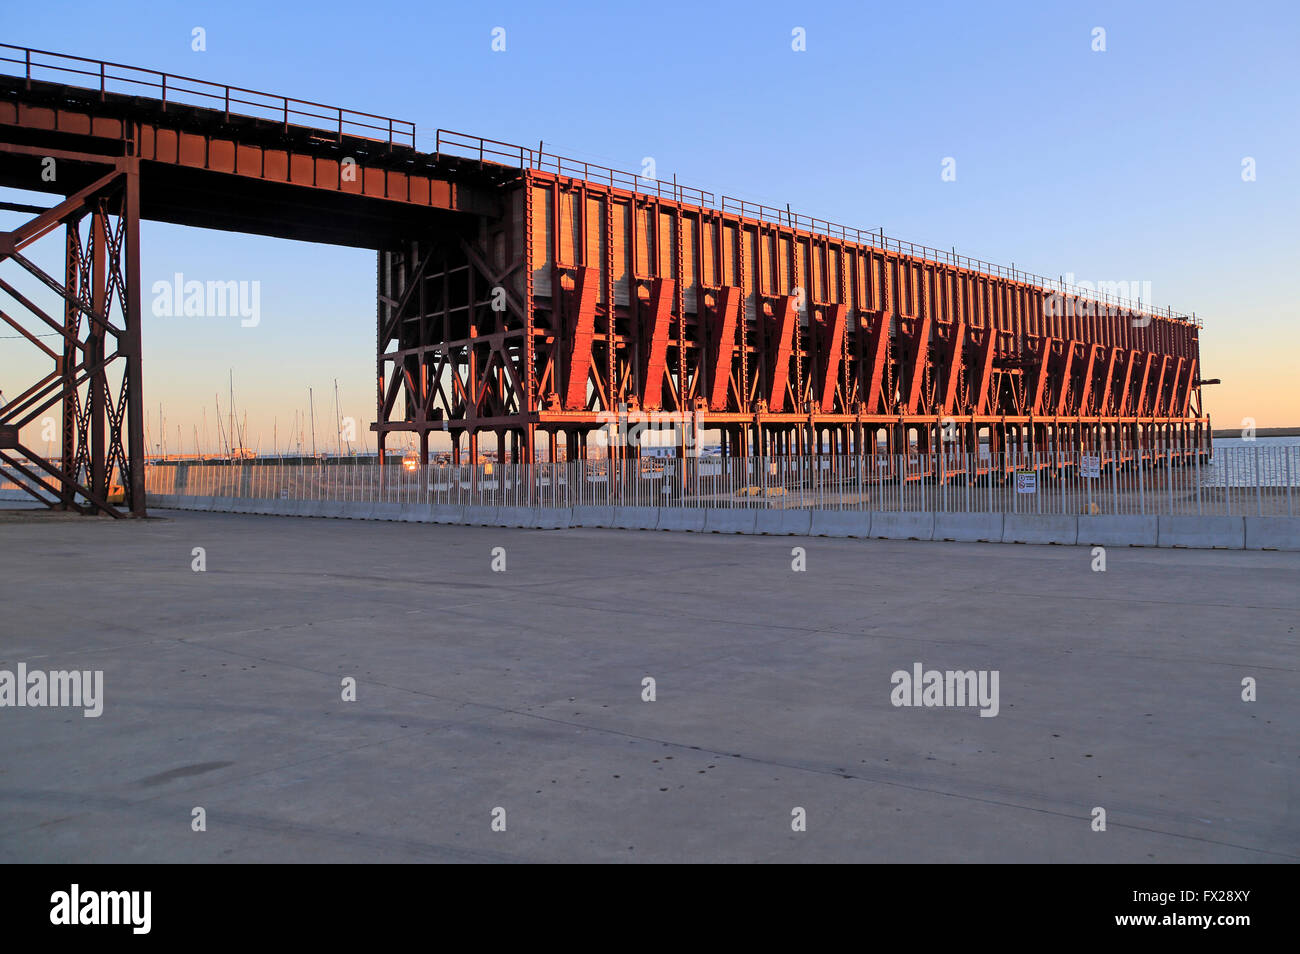 El Kabel Inglés angehoben Eisenbahnlinie, Stadt Almeria, Spanien erbaut 1902-1904 für Eisen-Erz-export Stockbild